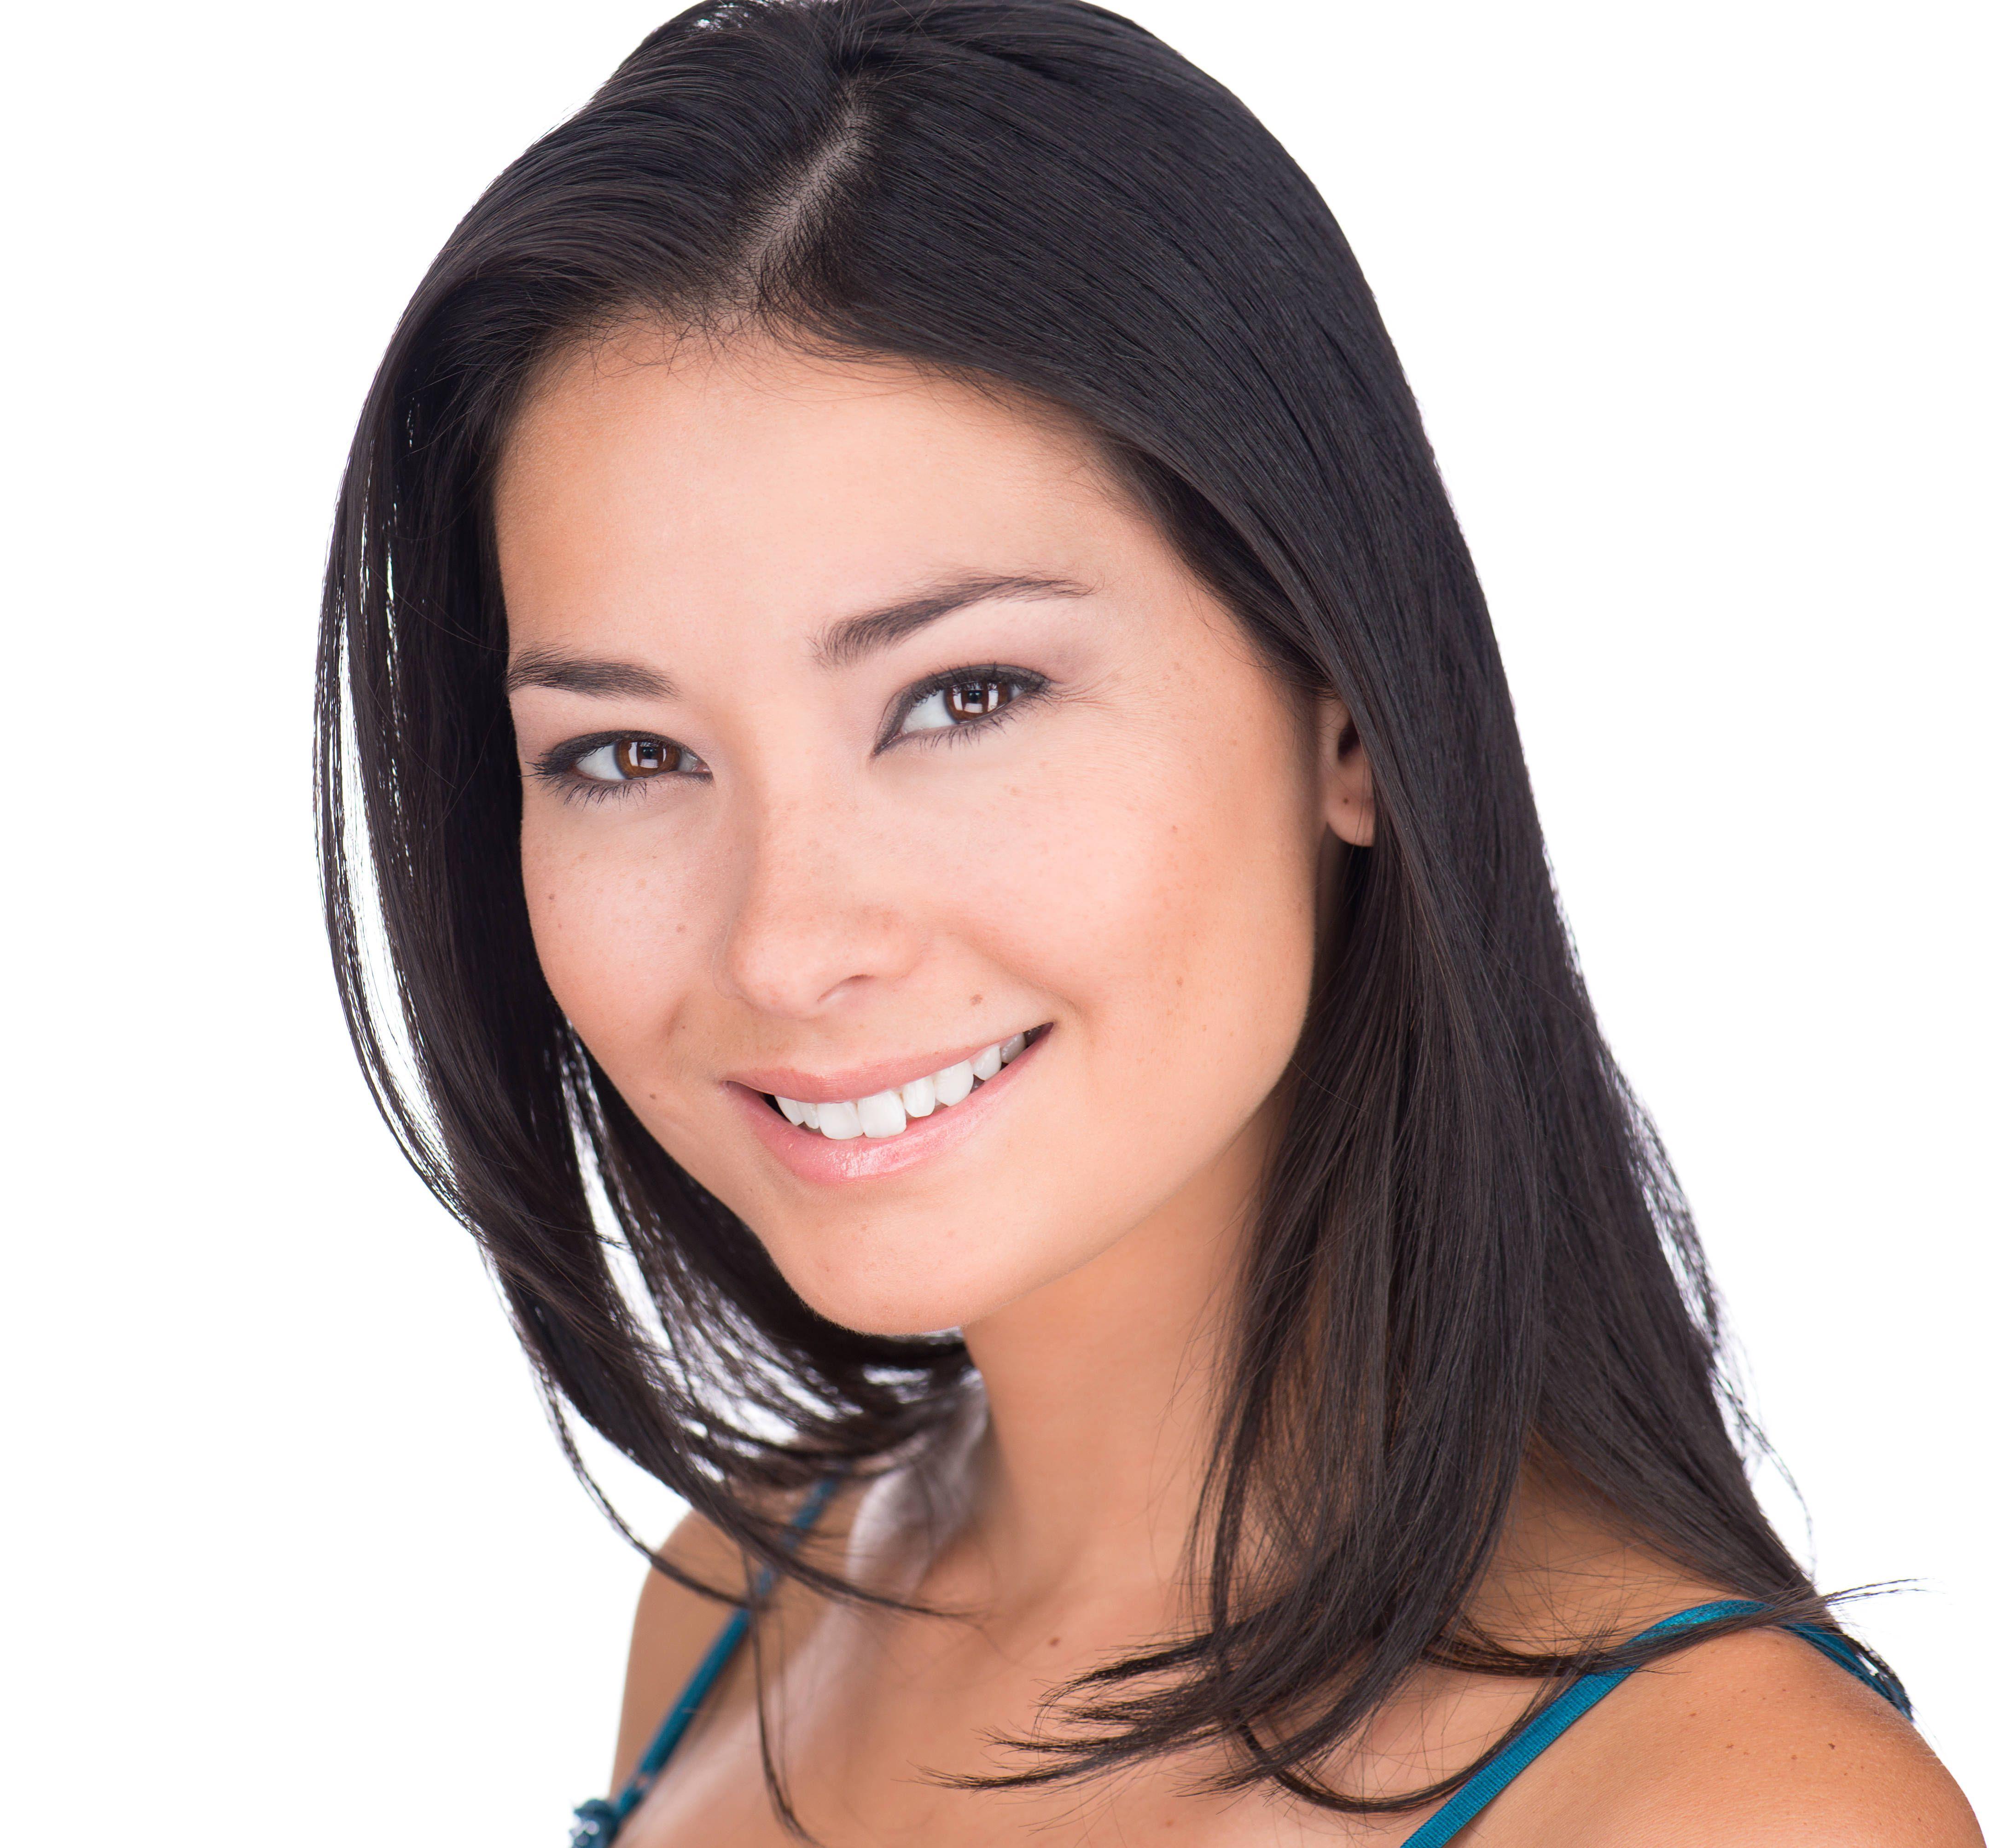 Female Models Headshots Casting Model Clothing